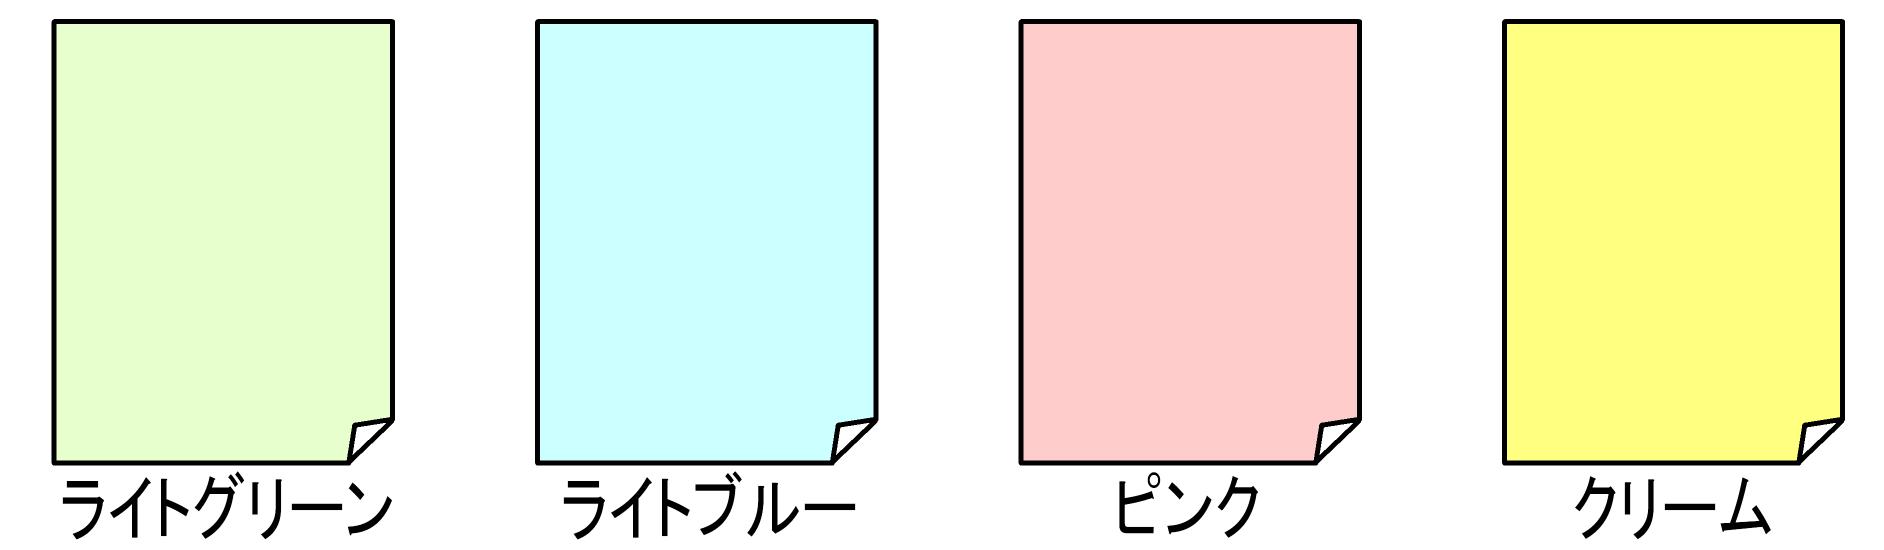 カラー用紙見本